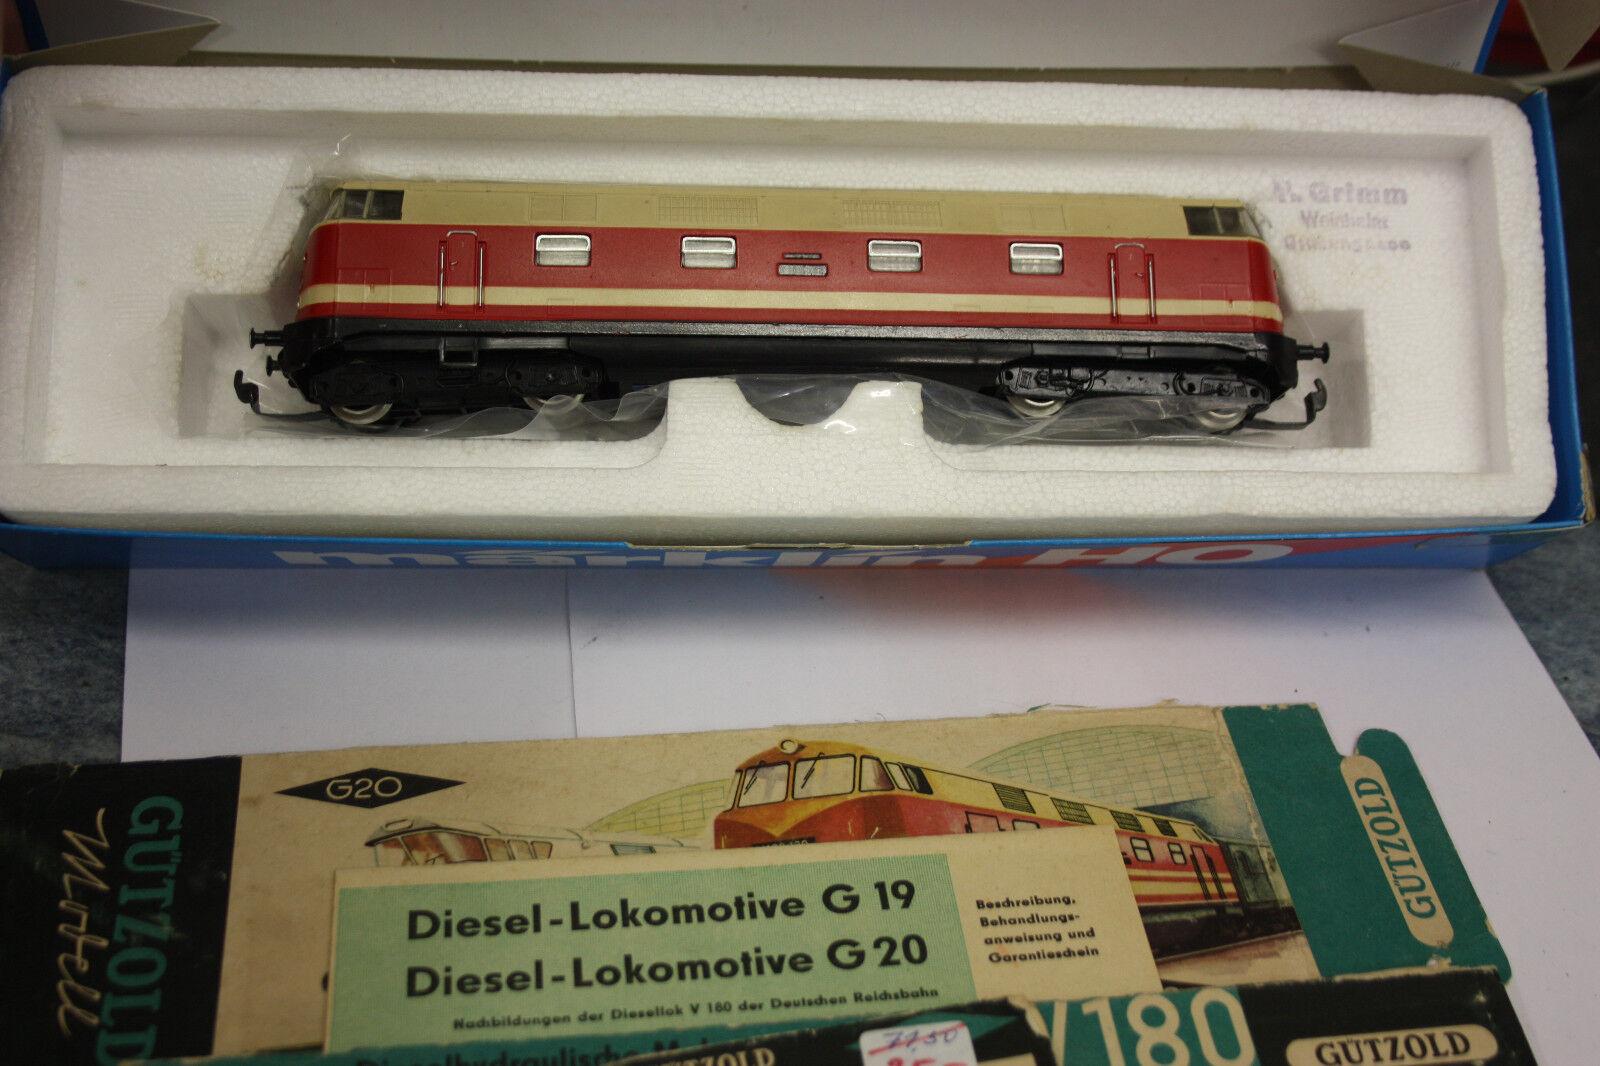 Guetzold ho h0 diesel-Lok br V 180 la Dr VP    ow51 05